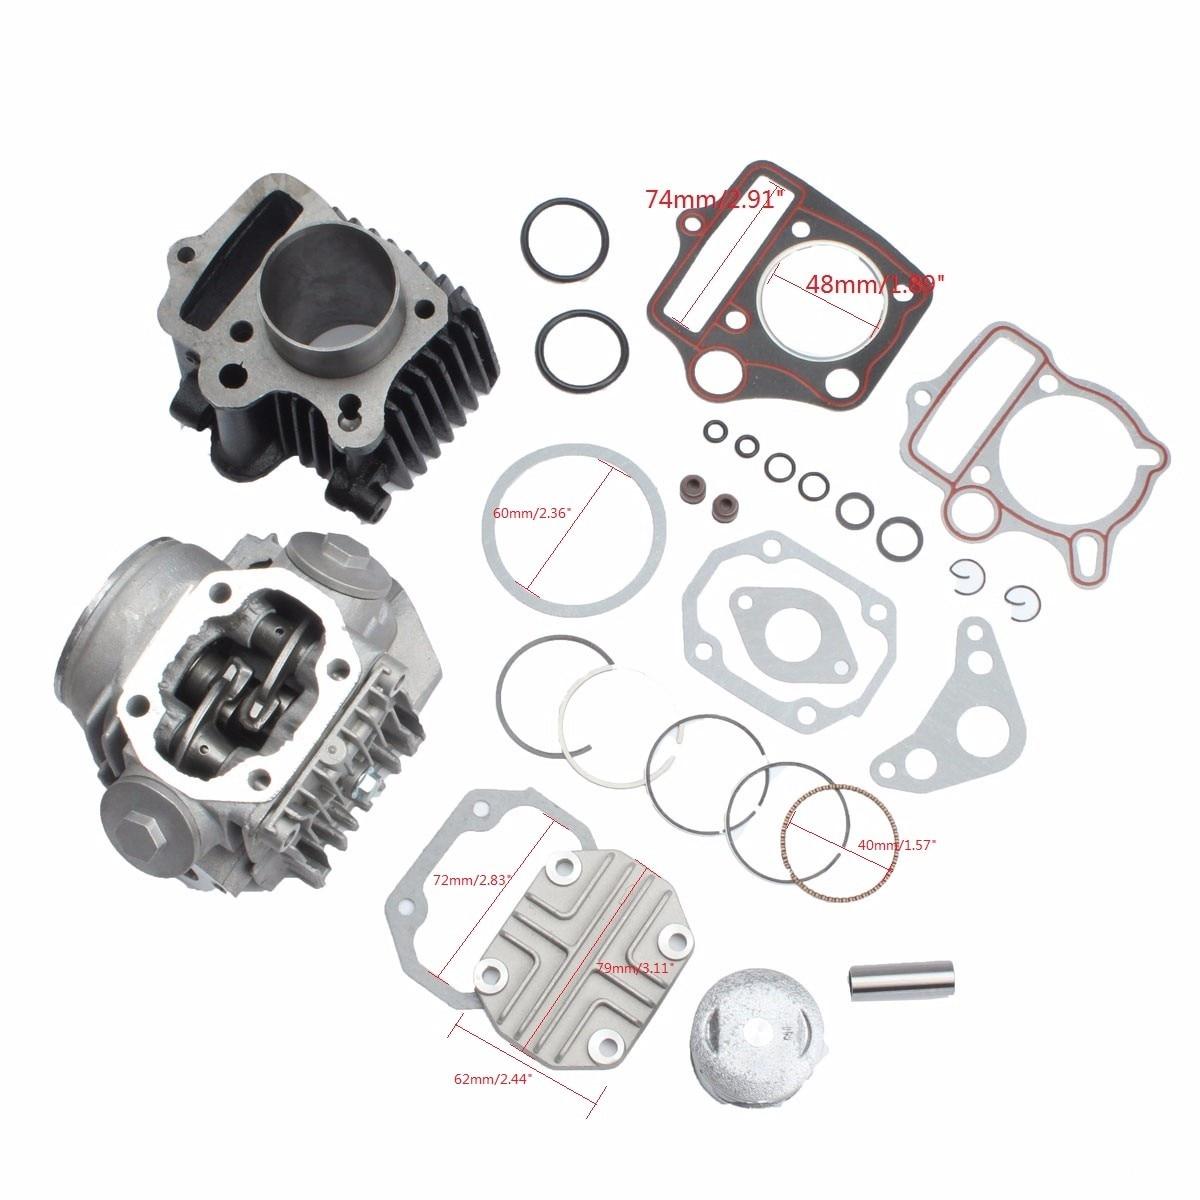 Cylinder Engine Motor Rebuild Kit For Honda ATC70 CT70 TRX70 CRF70 XR70 70ccCylinder Engine Motor Rebuild Kit For Honda ATC70 CT70 TRX70 CRF70 XR70 70cc